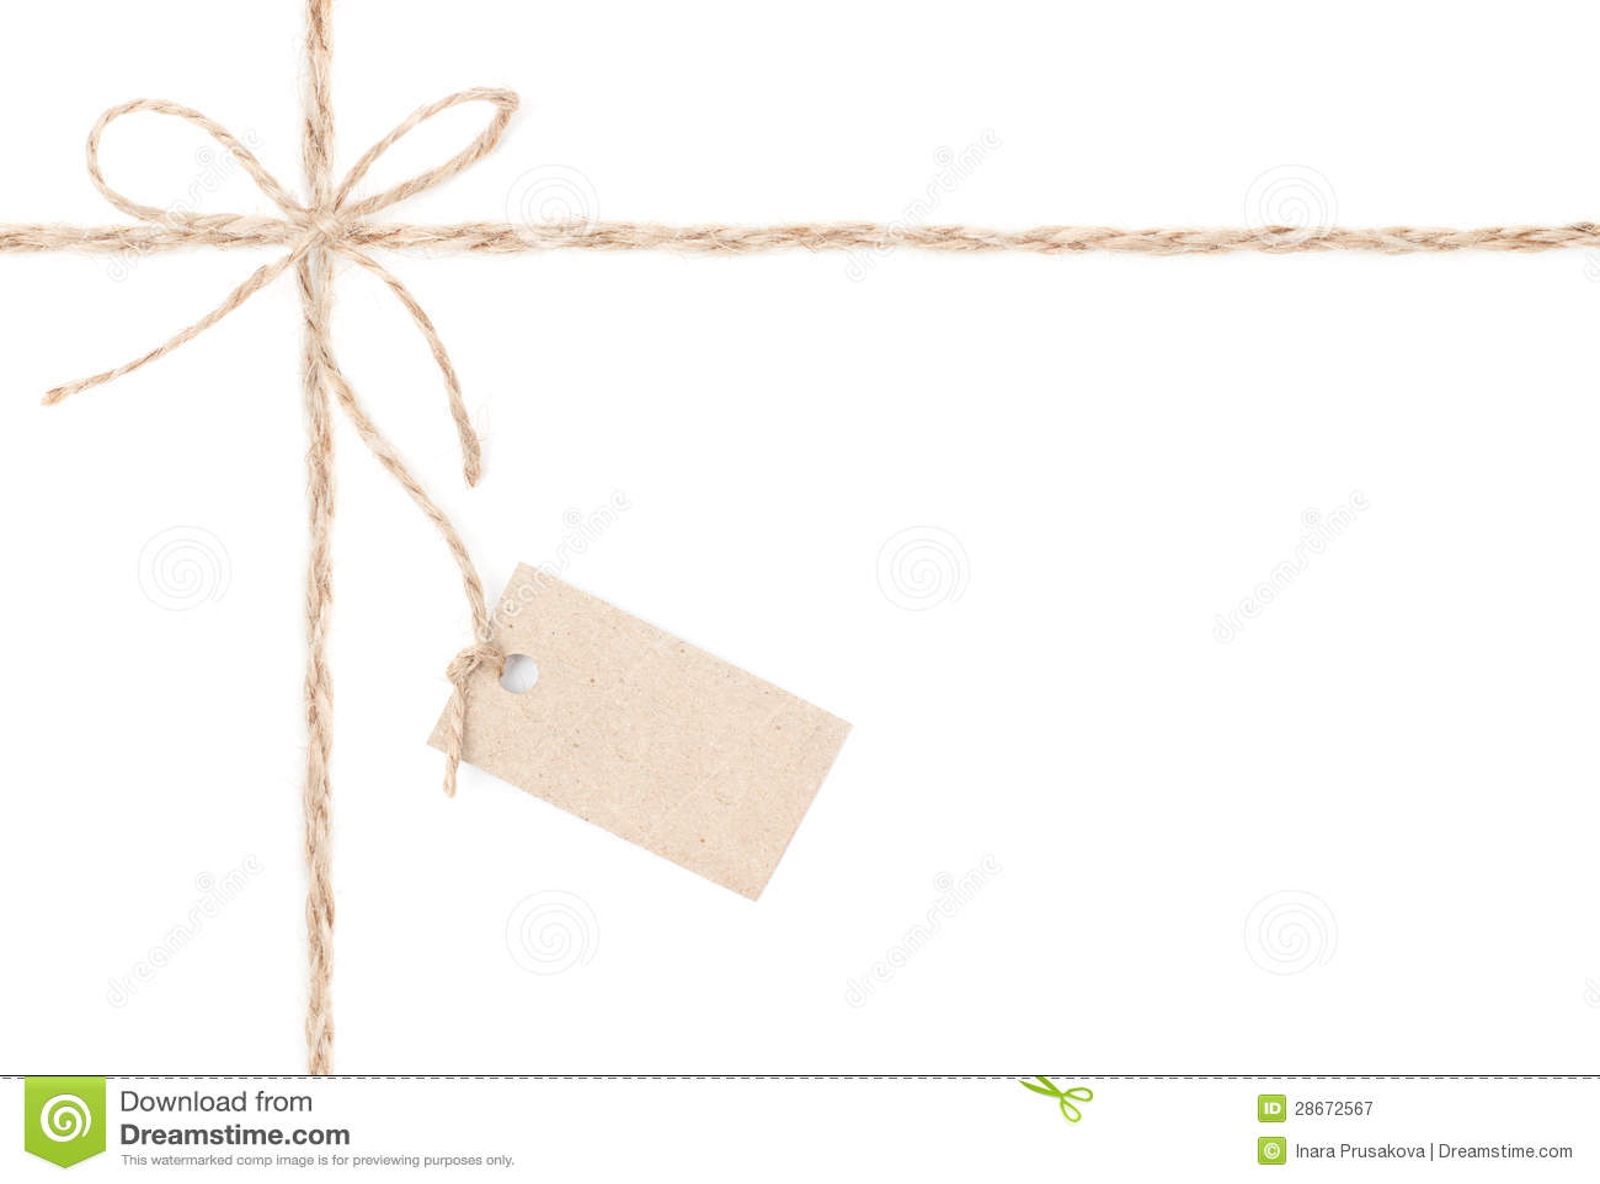 绳索弓标签。 包裹为存在和定价的黄麻。 关闭。